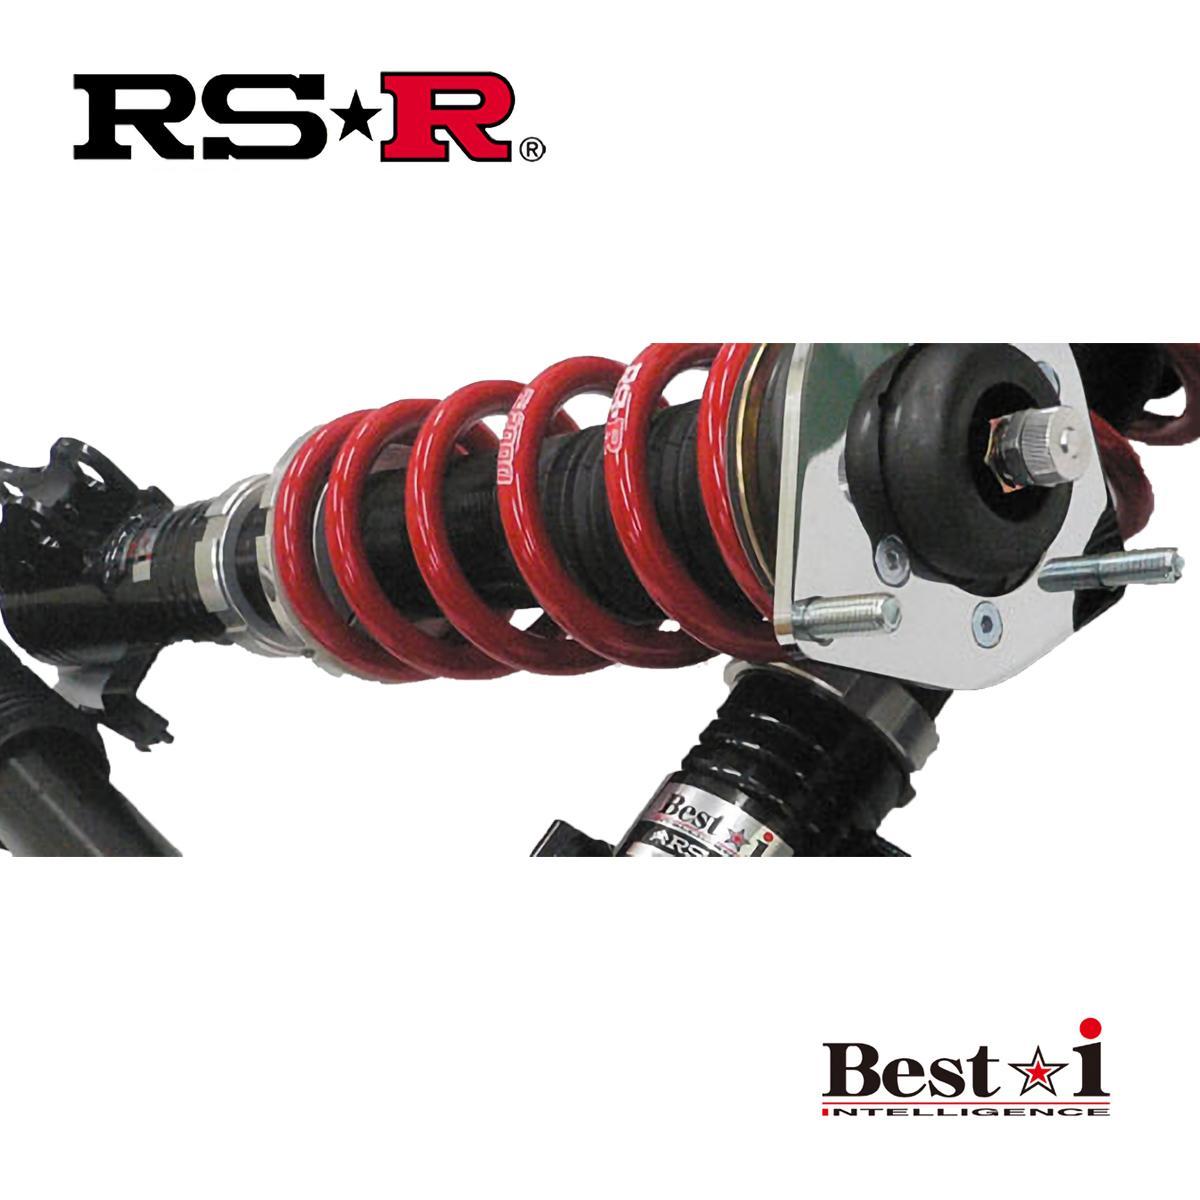 RS-R フーガハイブリッド ベースグレード HY51 車高調 リア車高調整:全長式/推奨バネレート仕様 LIN281M ベストi RSR 個人宅発送追金有